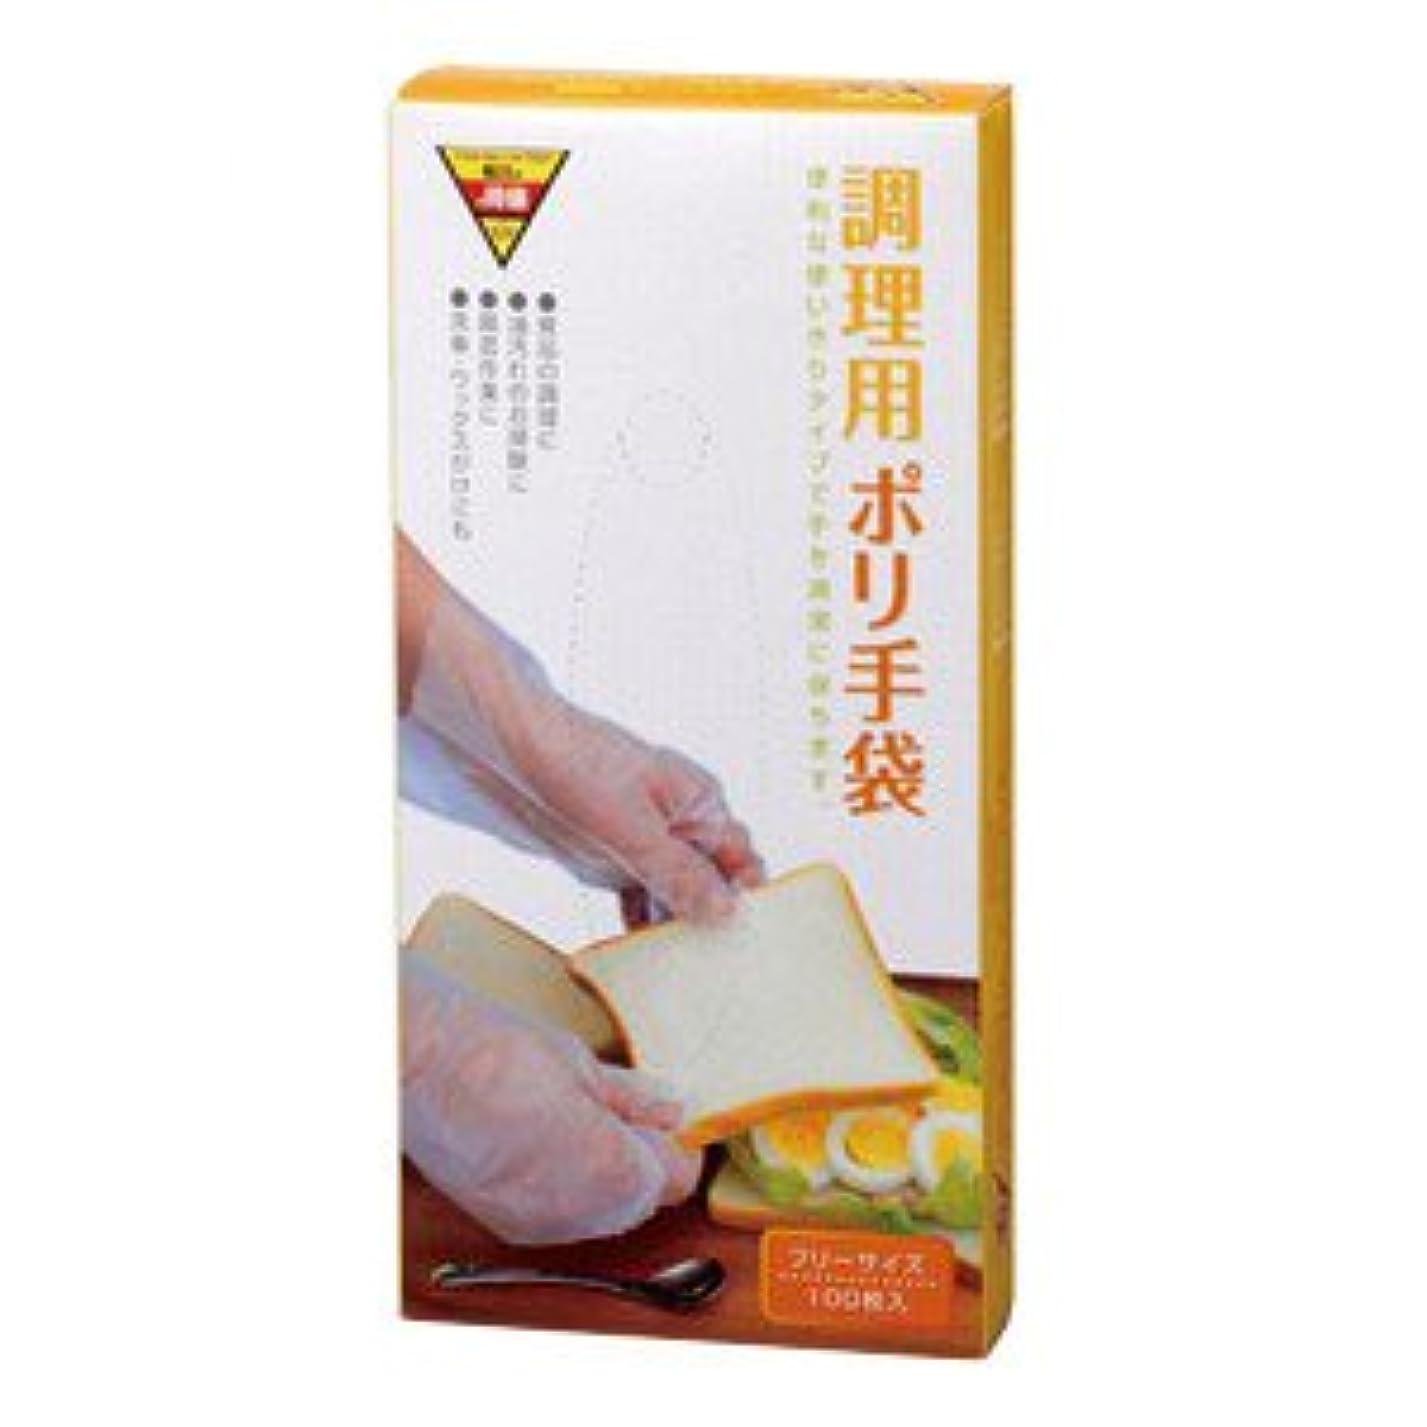 癌列挙する鉛筆コーナンオリジナル 調理用ポリ手袋 100枚入 KHD05-7123